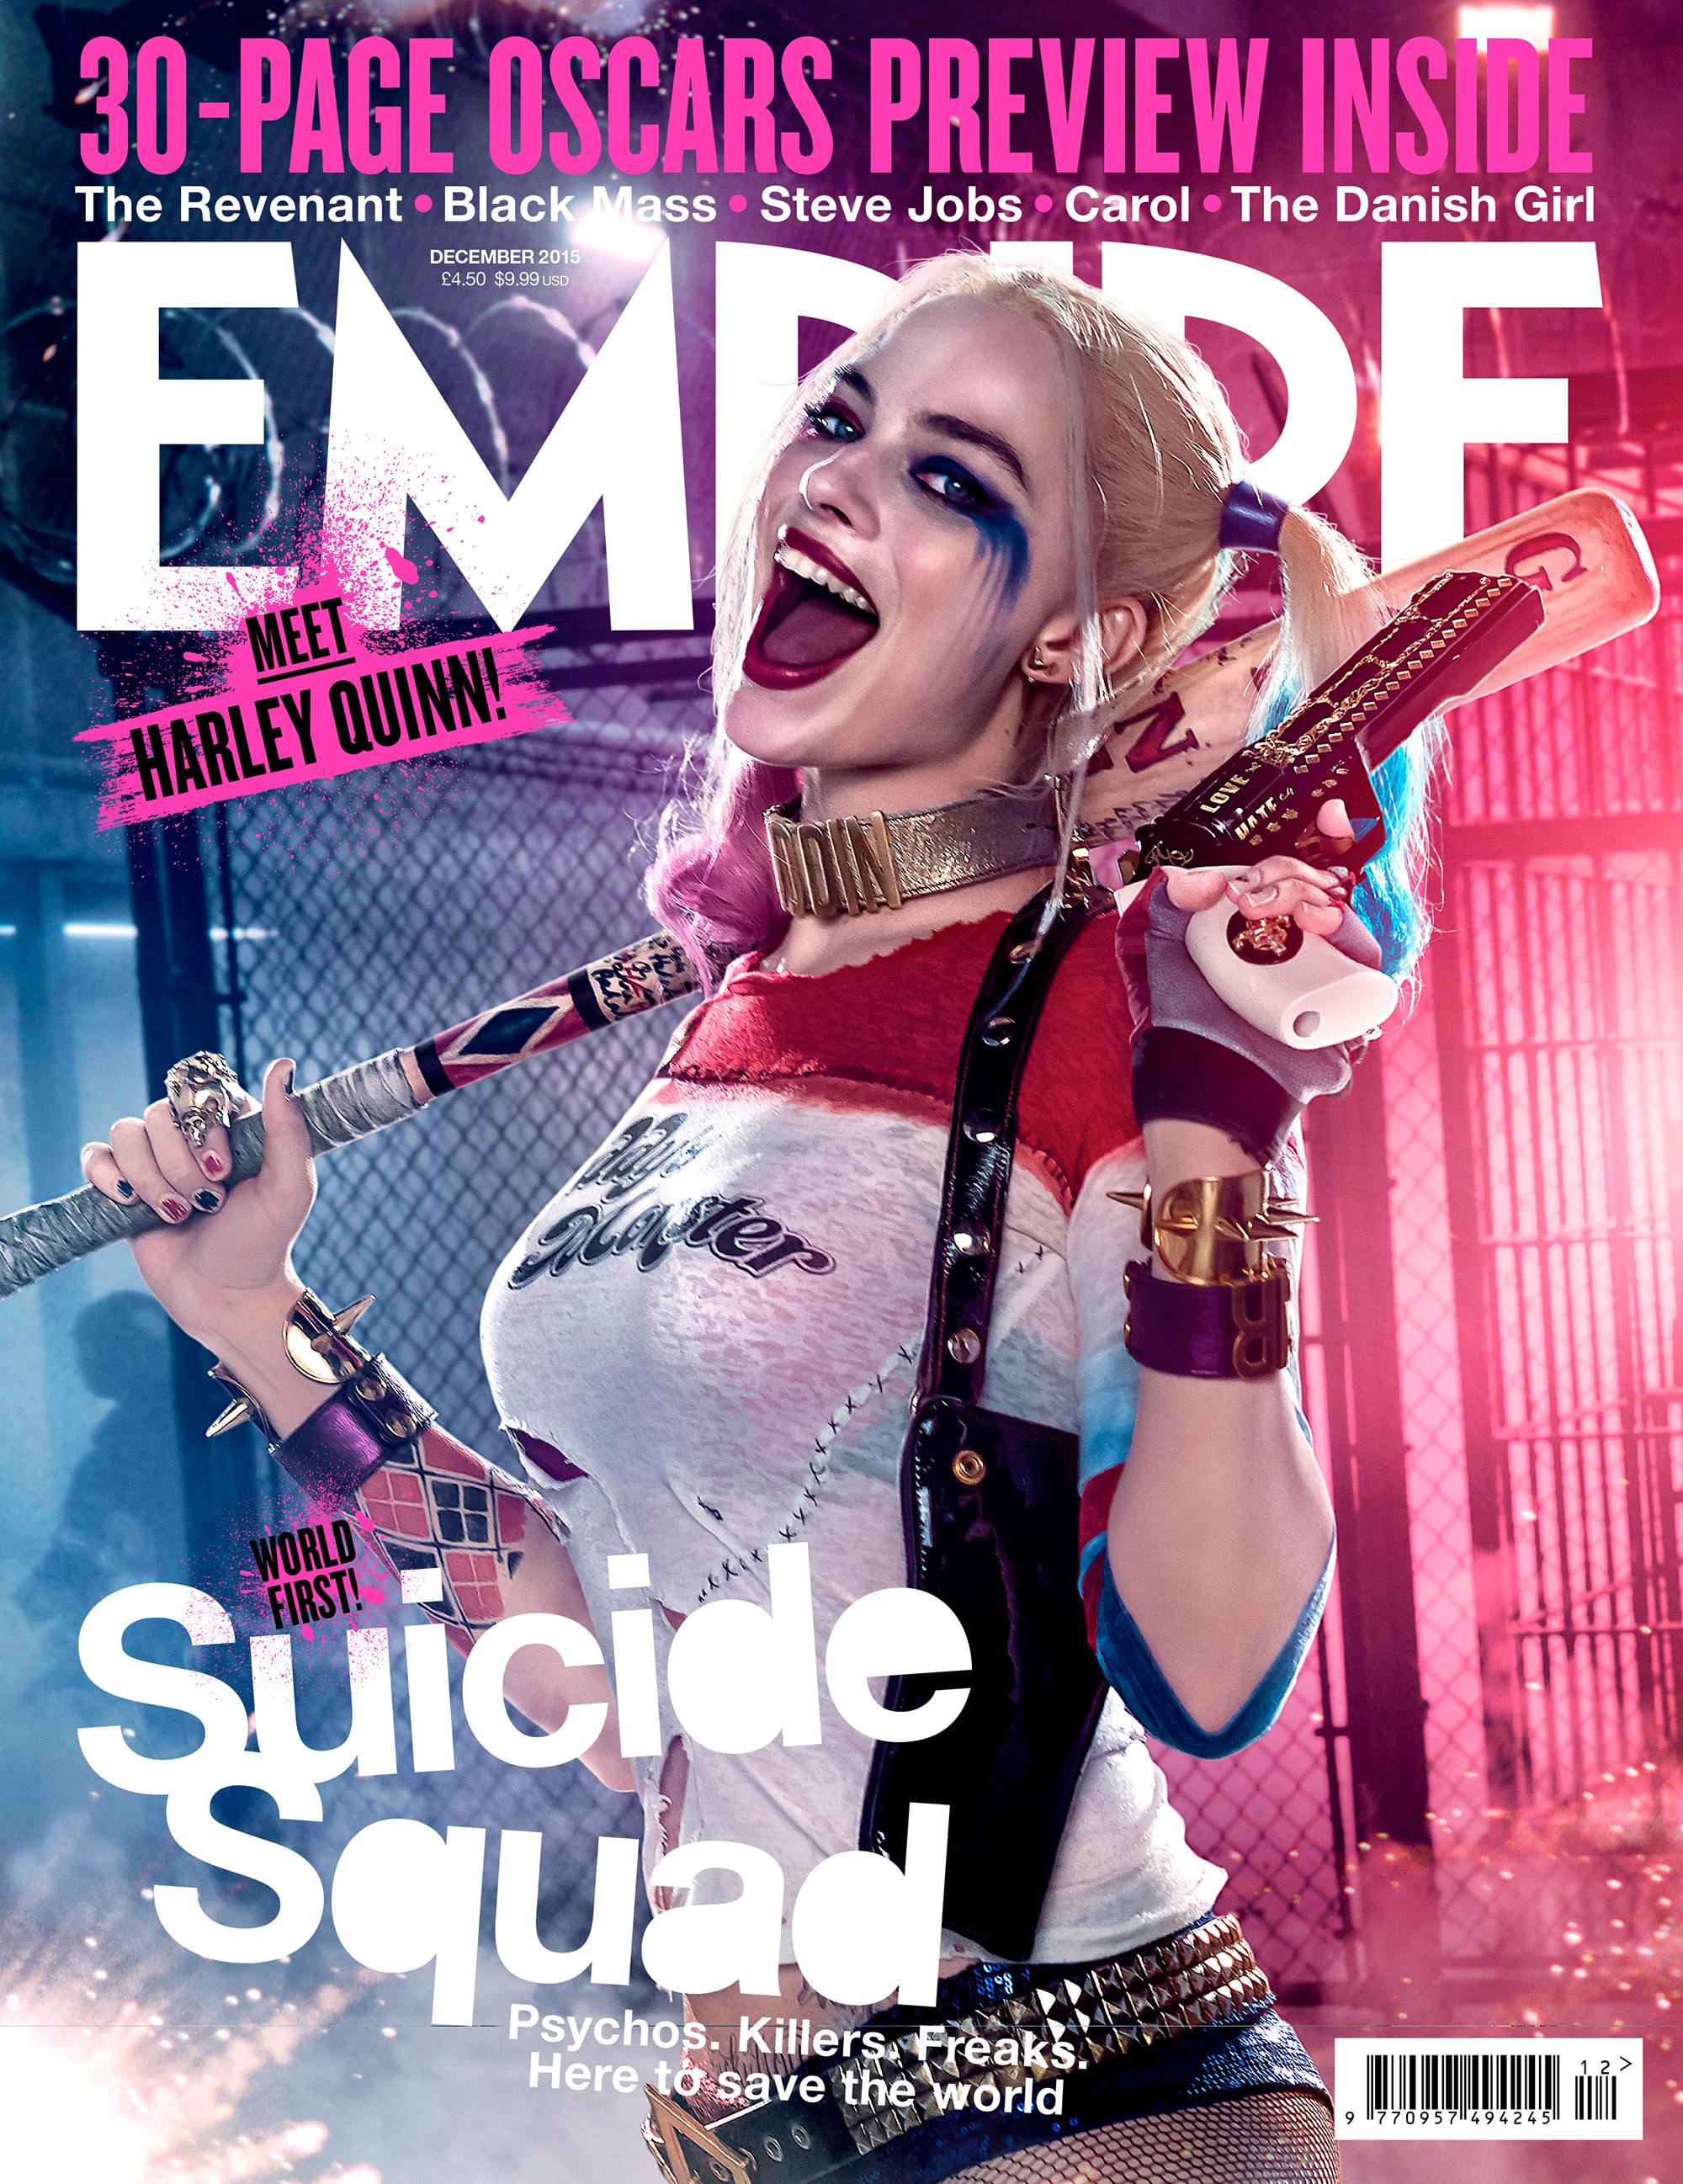 http://i1.wp.com/batman-news.com/wp-content/uploads/2015/10/Harley-Quinn-Empire-Hi-res.jpg?resize=2000%2C2595&quality=85&strip=info